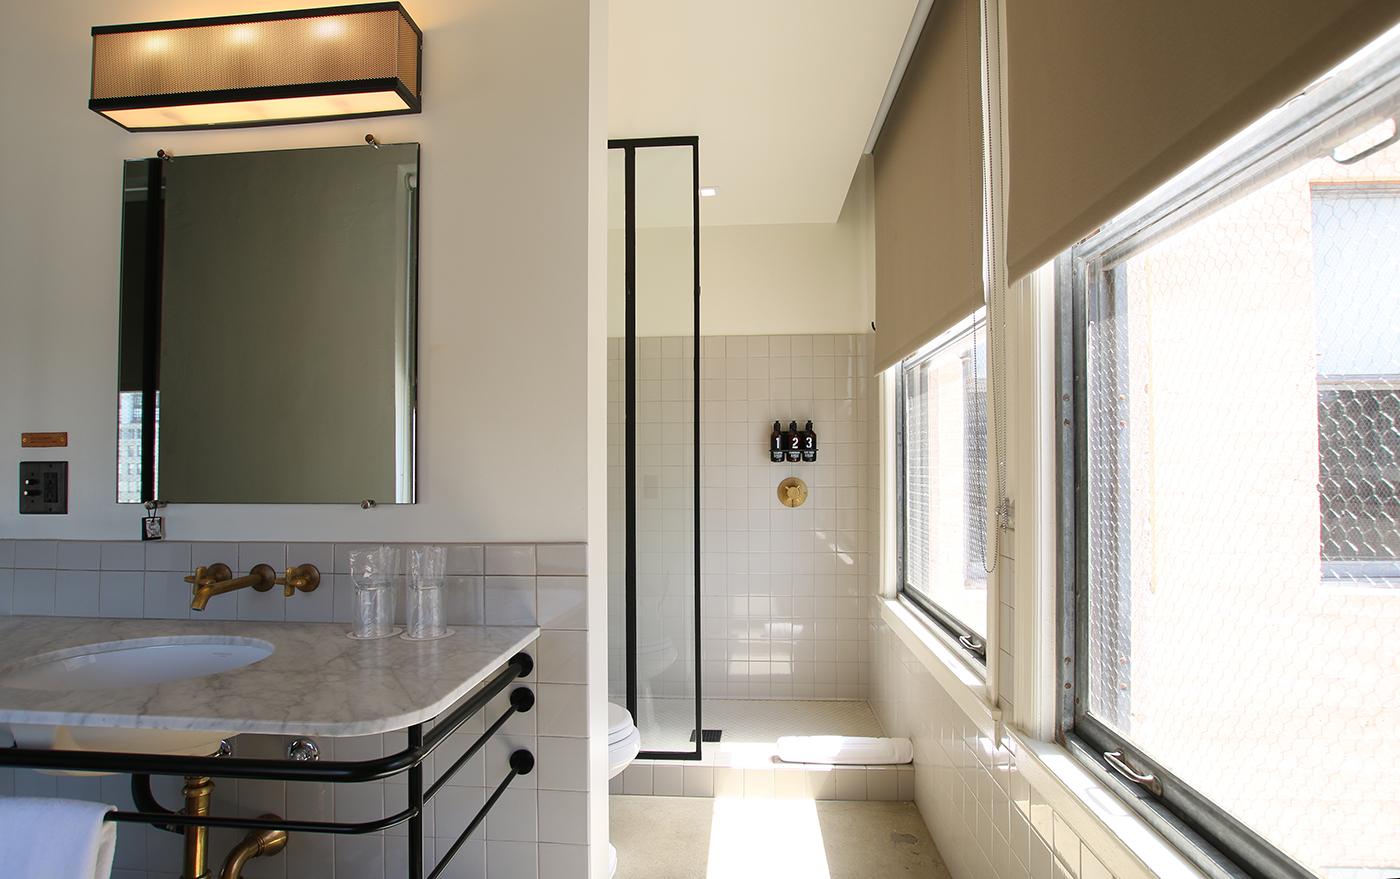 Ace Hotel LA Bathroom Shower